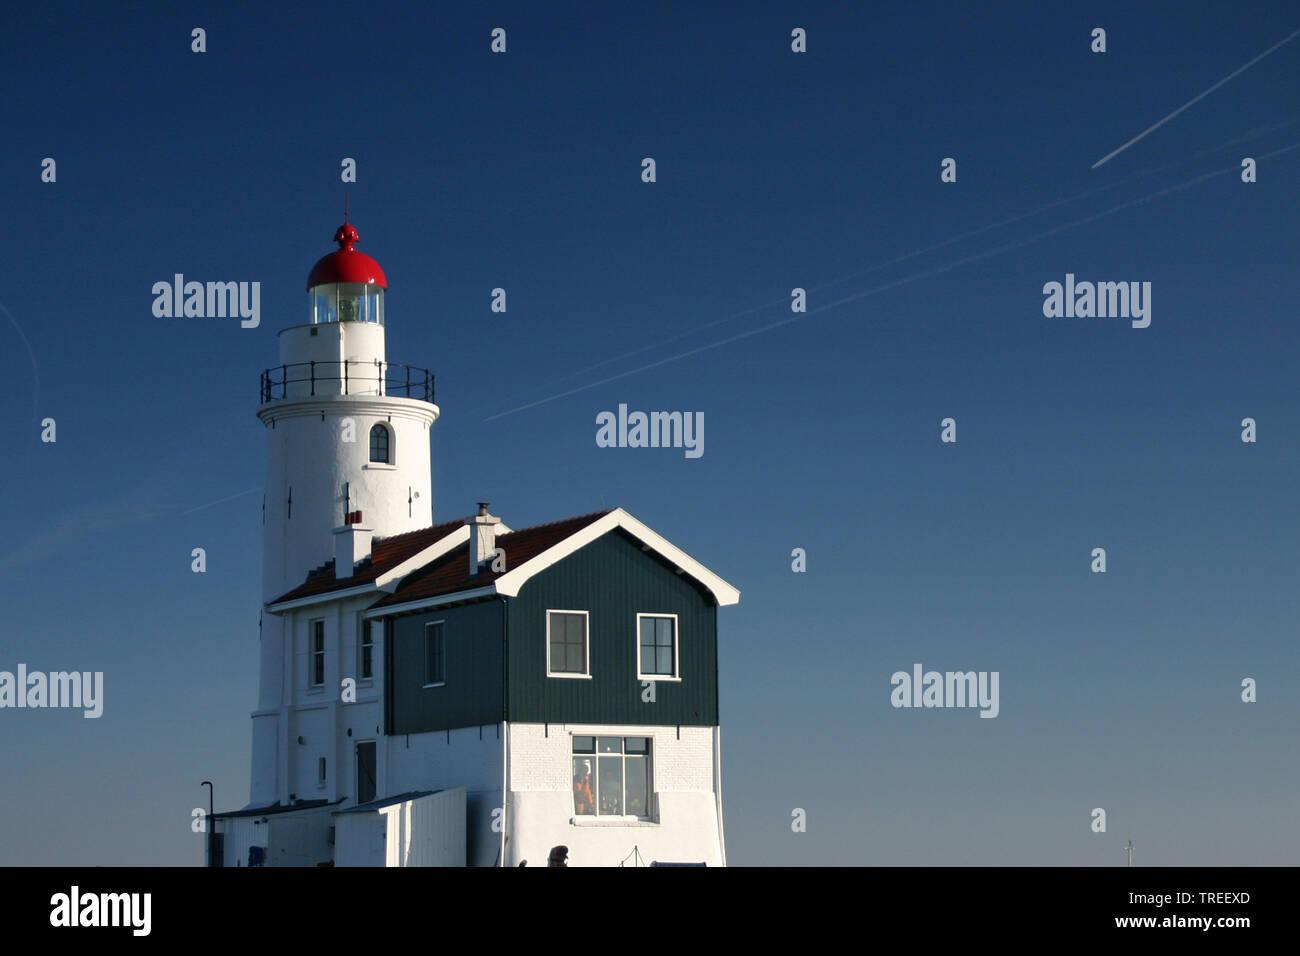 Leuchtturm Paard van Marken, Niederlande | Paard van Marken lighthouse, Netherlands | BLWS524753.jpg [ (c) blickwinkel/AGAMI/B. Haasnoot Tel. +49 (0)2 - Stock Image